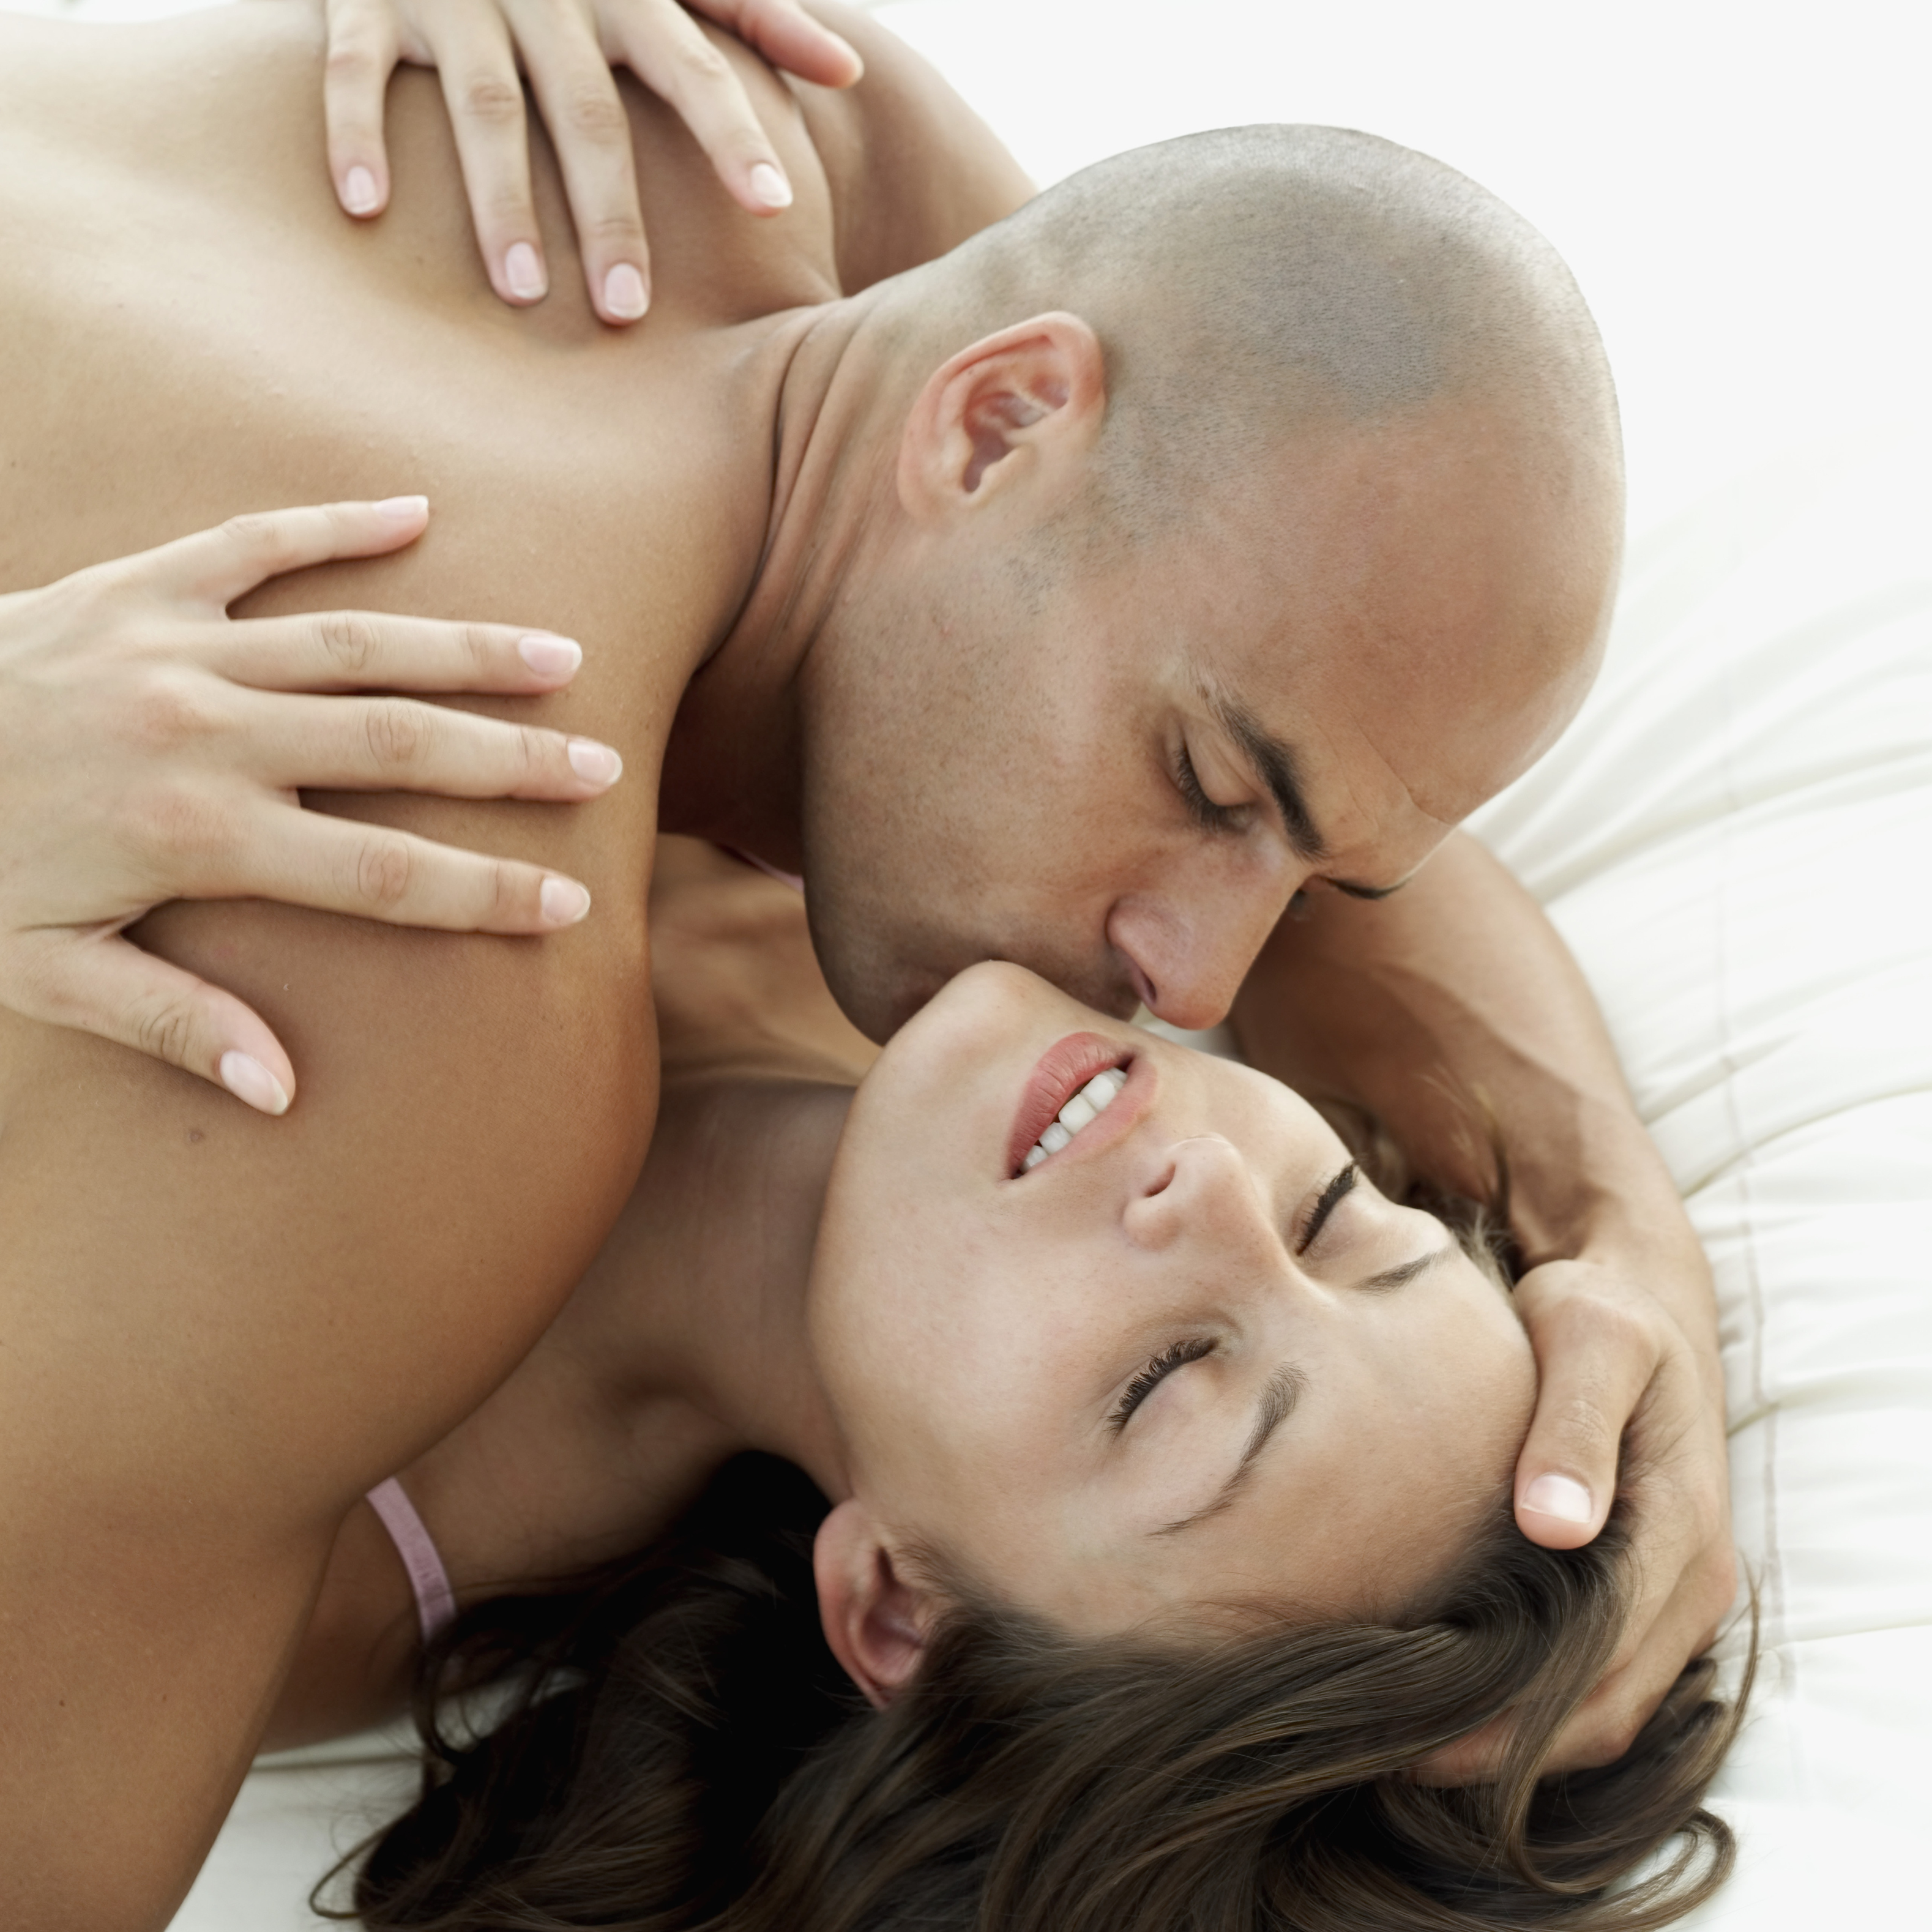 az anális szex helyes módja